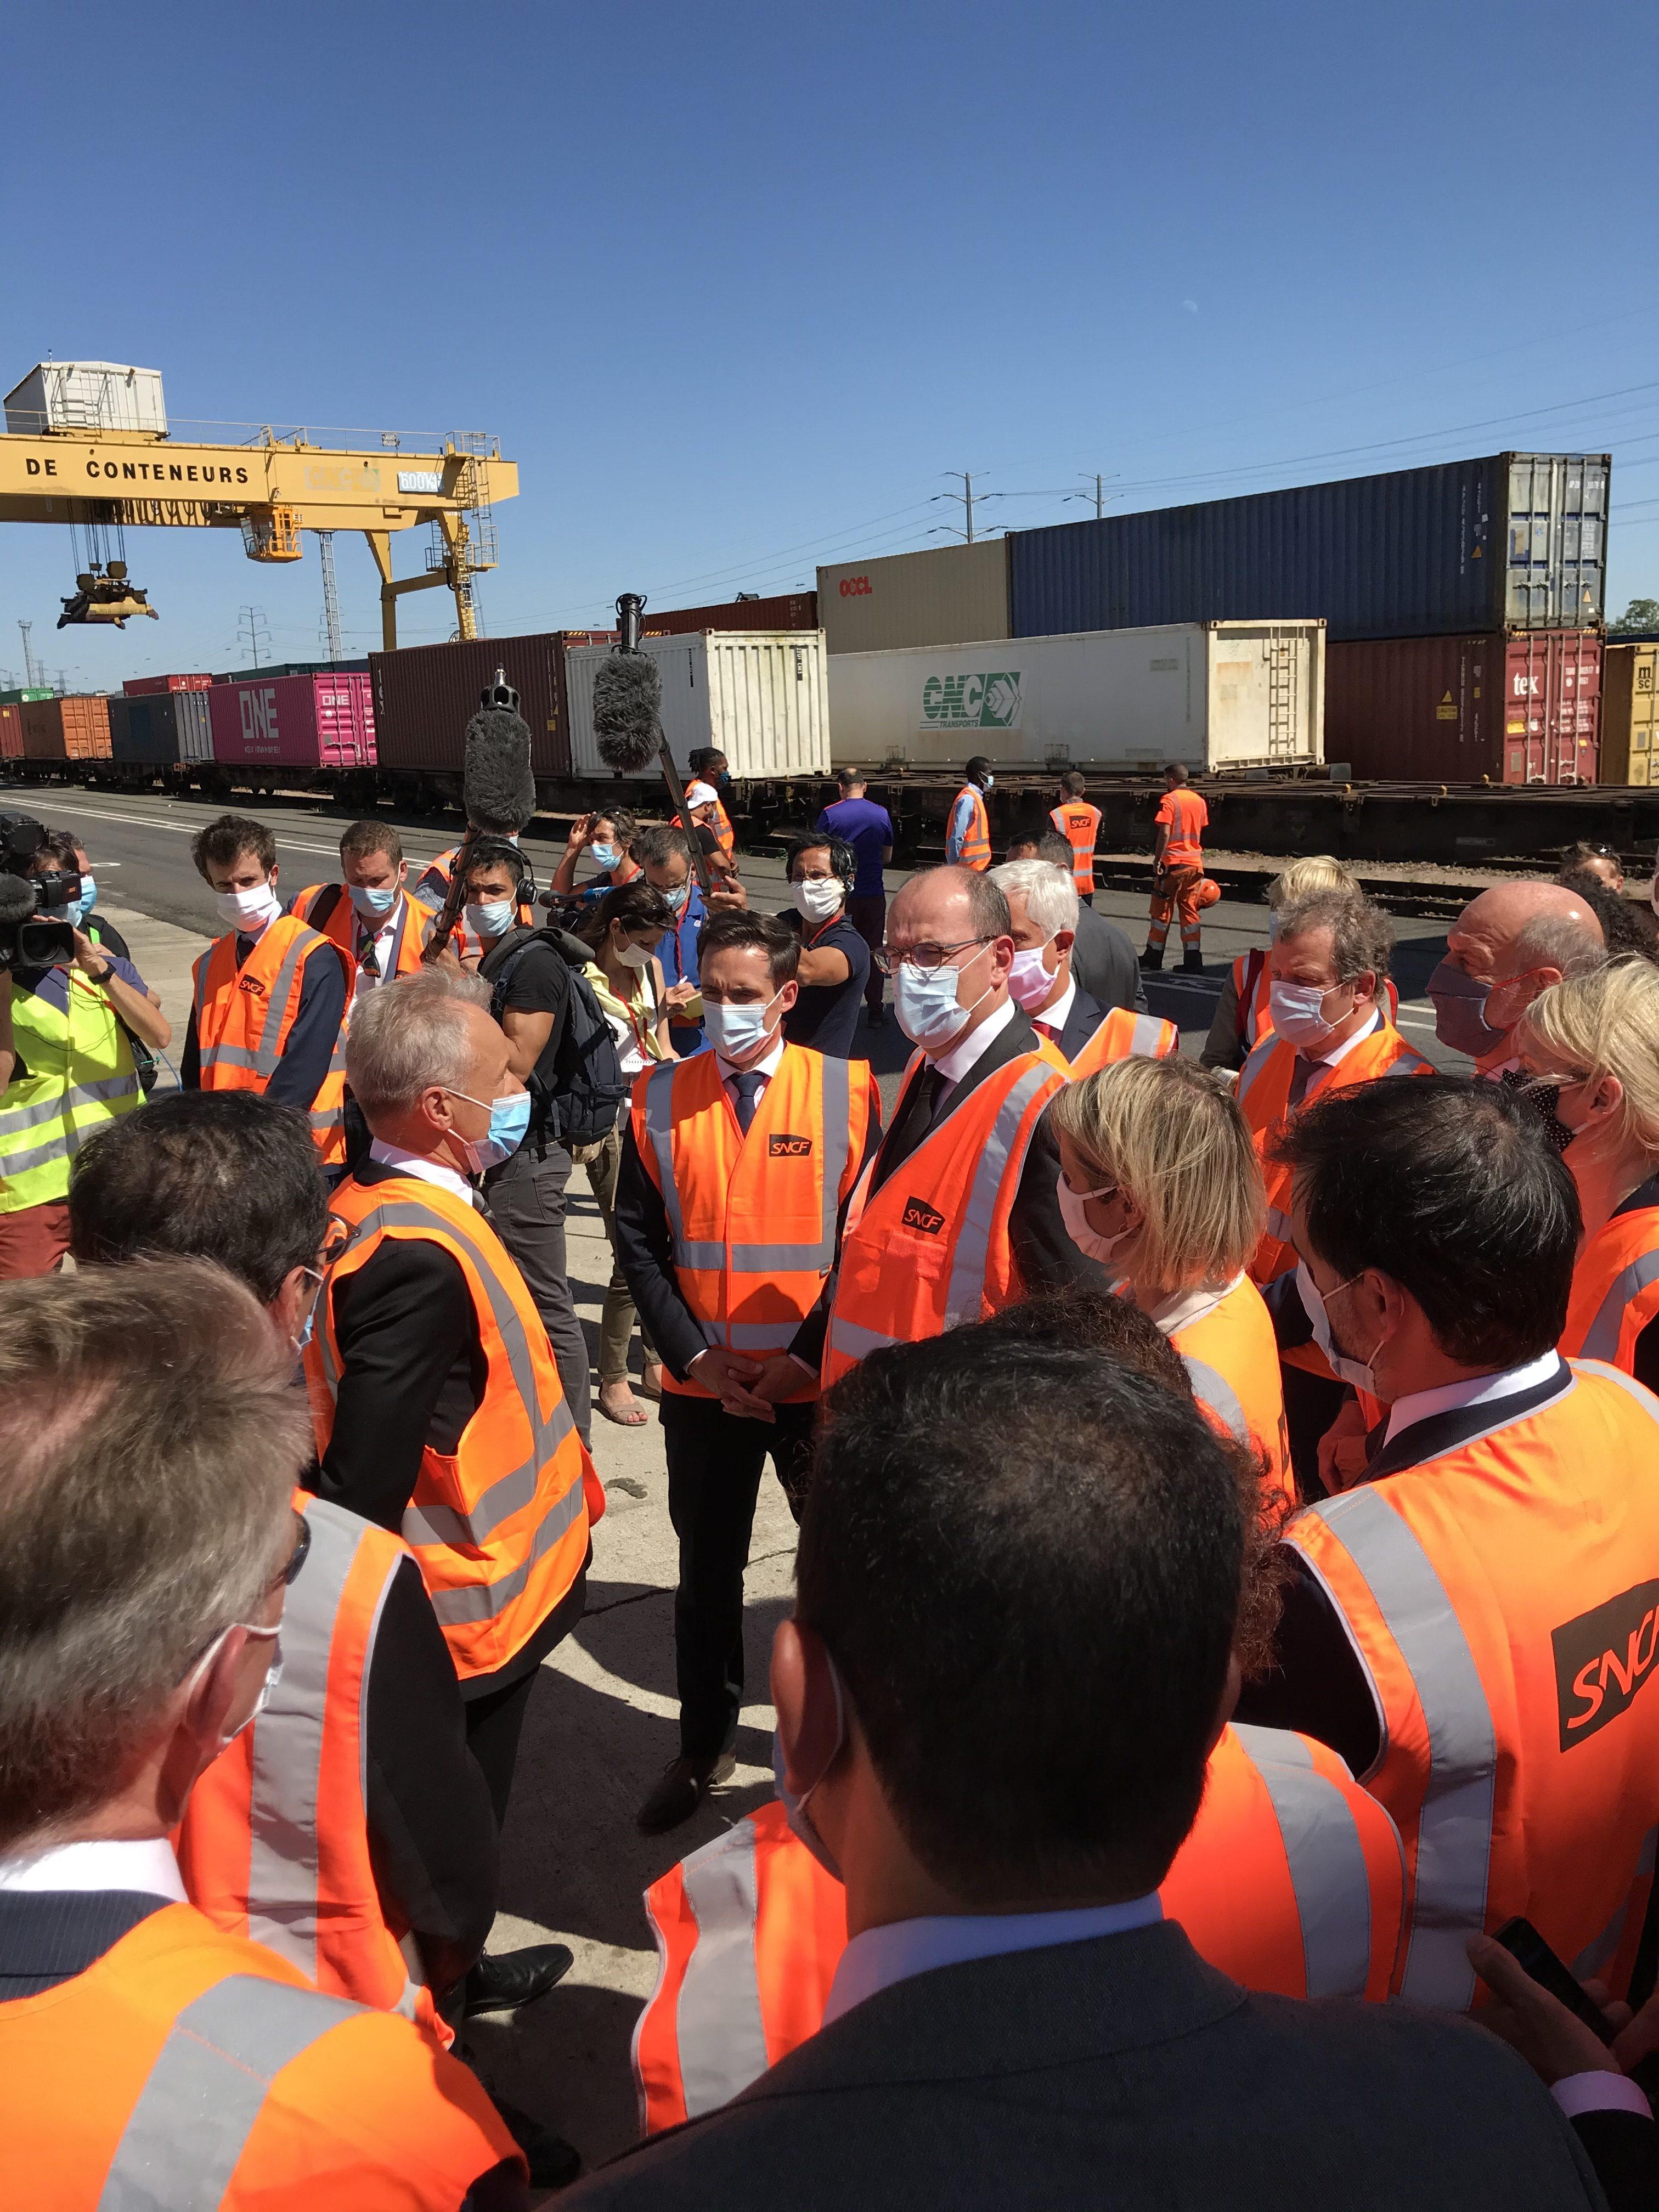 Les annonces encourageantes du Premier ministre sur le fret ferroviaire et combiné